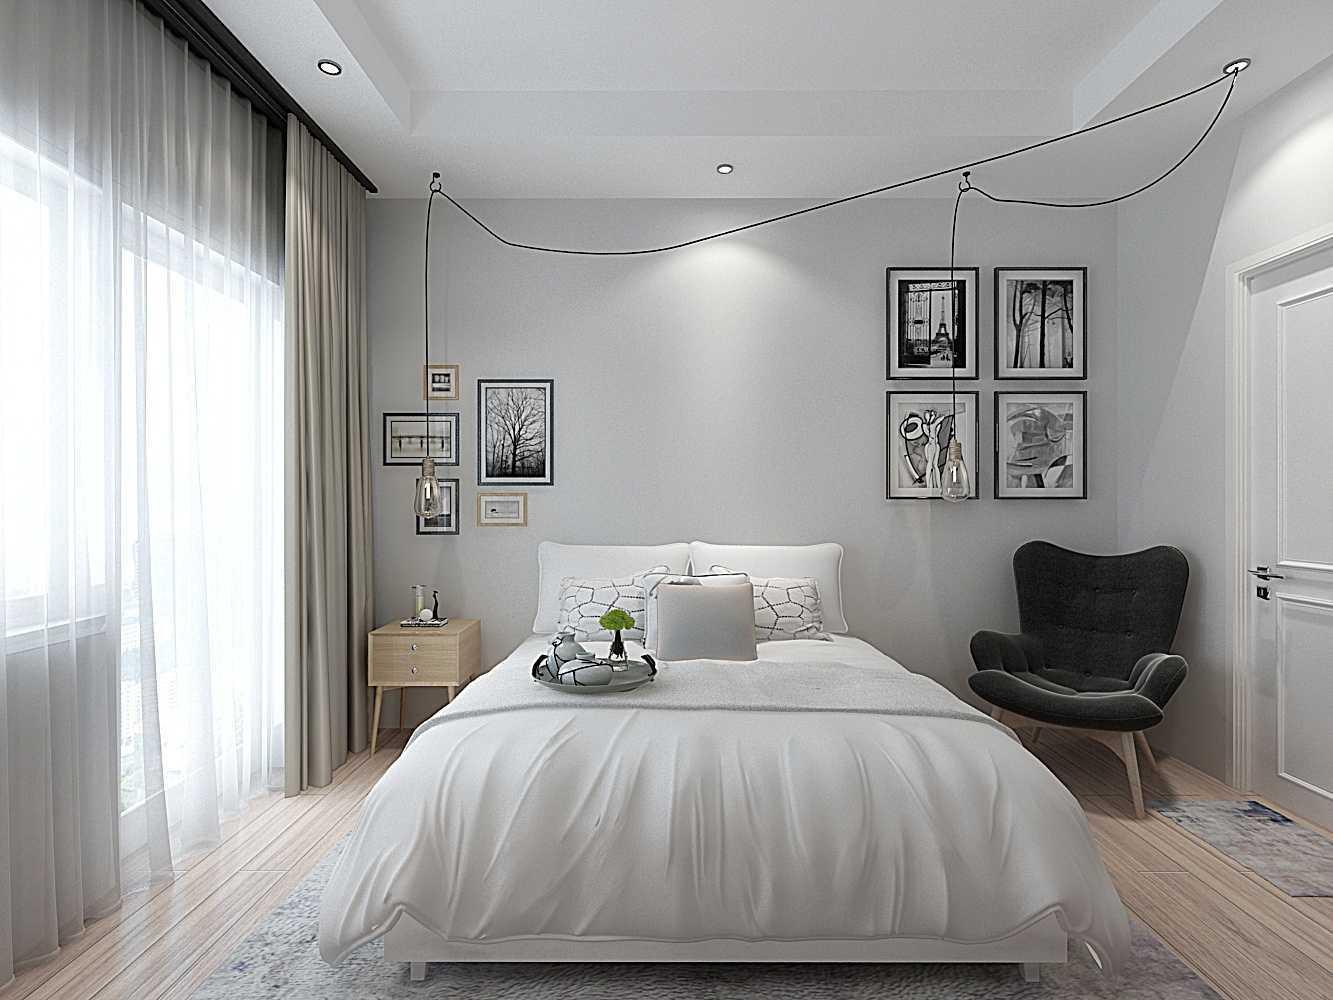 Seperti halnya eksterior rumah bergaya Scandinavian, interiornya juga ditandai dengan kesederhanaan yang dirancang untuk kehidupan fungsional dan nyaman. Trik memanfaatkan setiap sudut ruang di bawah tangga ini merupakan contoh bagus desain fungsional dan efisien yang juga nyaman. Di sini terdapat tempat duduk built-in sekaligus dipan dan penyimpanan built-in yang membuat tampilan bersih dan berkesan lapang.